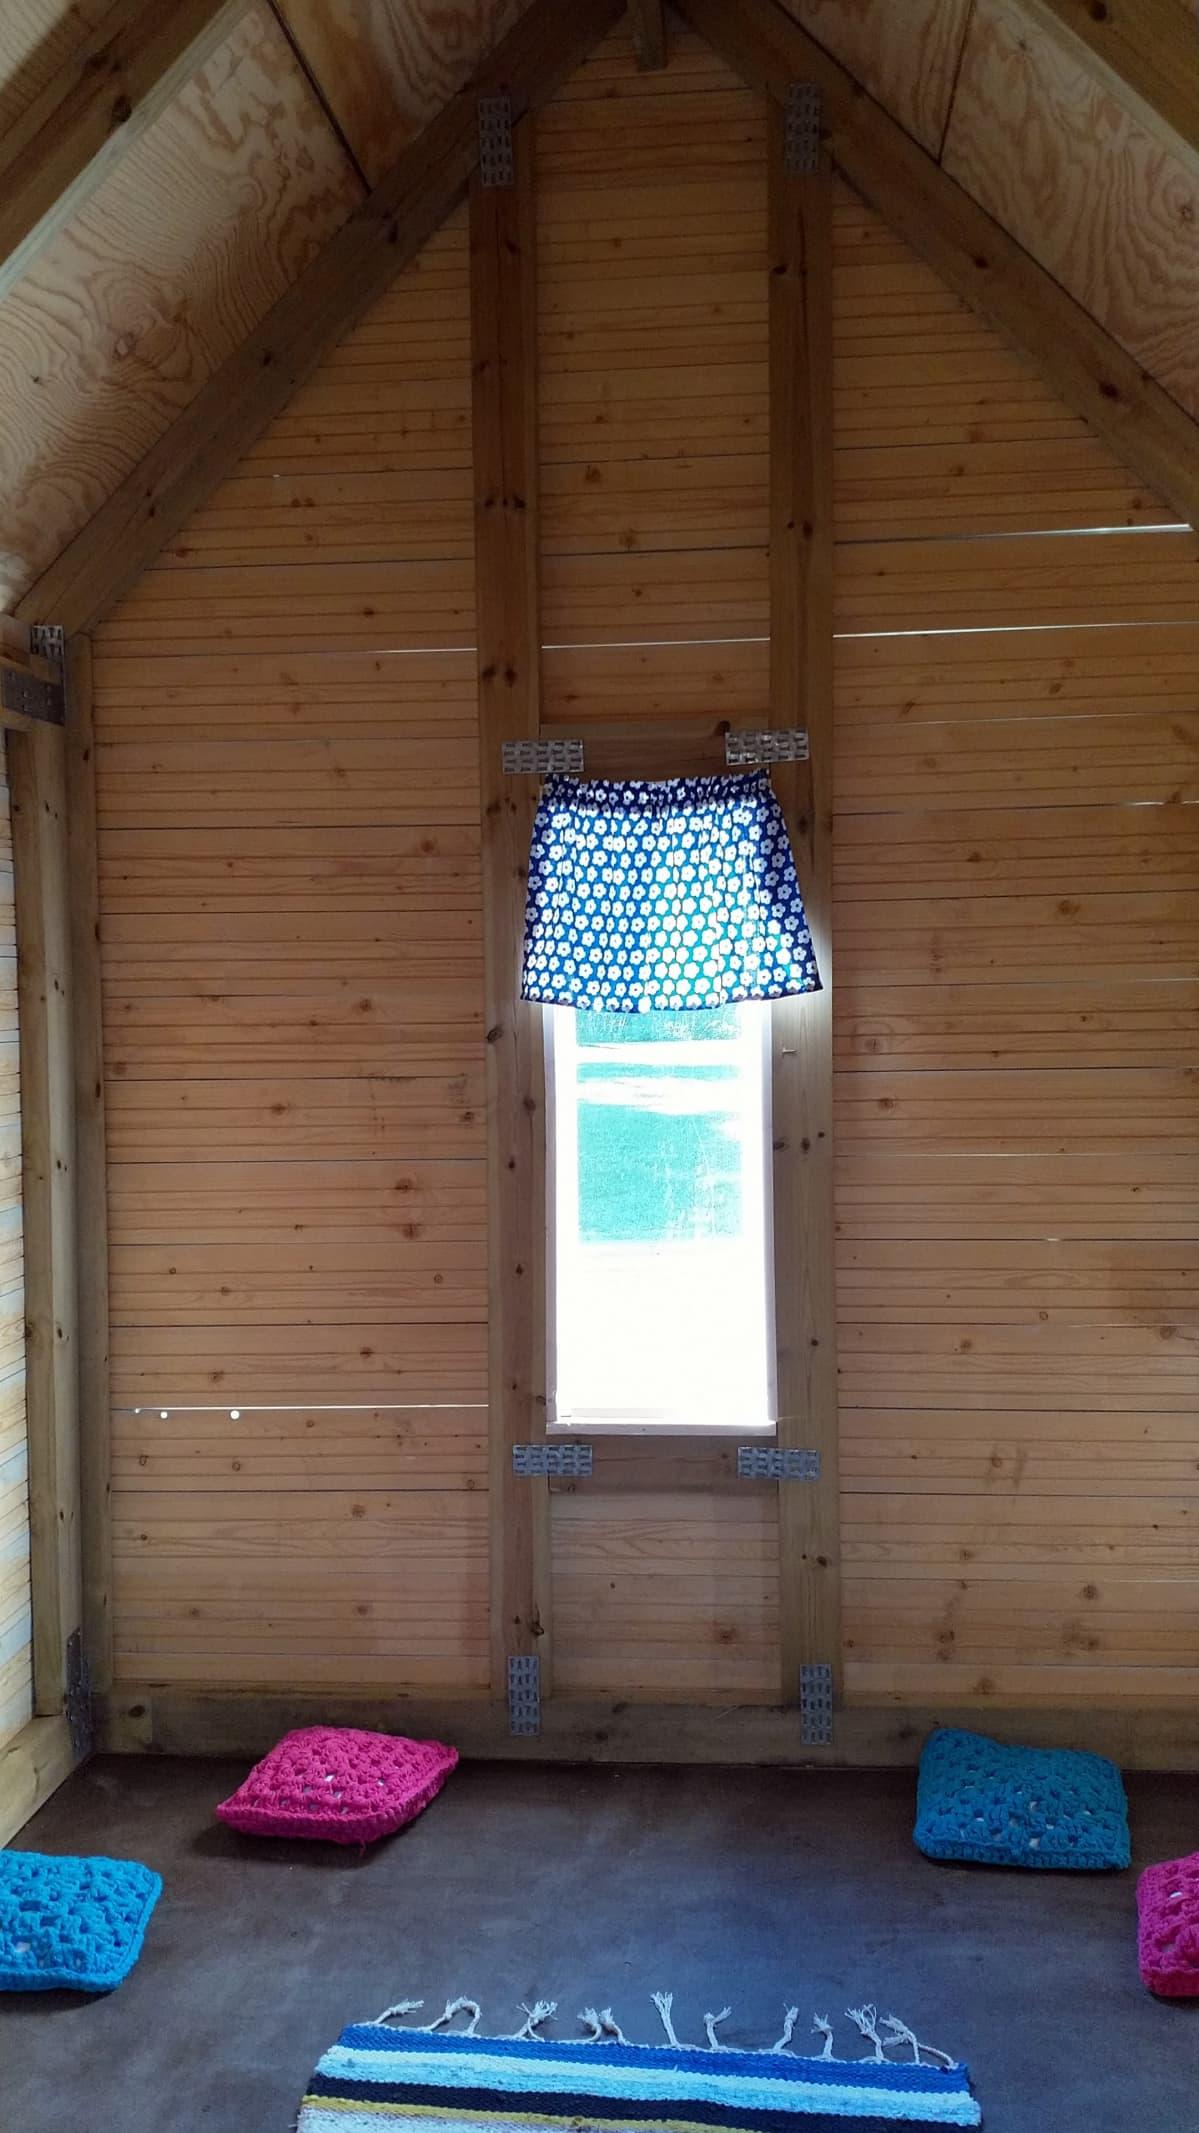 Kuvassa leikkimökki sisältä. Lattialla on neljä virkattua tyynyä ja räsymatto. Ikkunassa on verho.